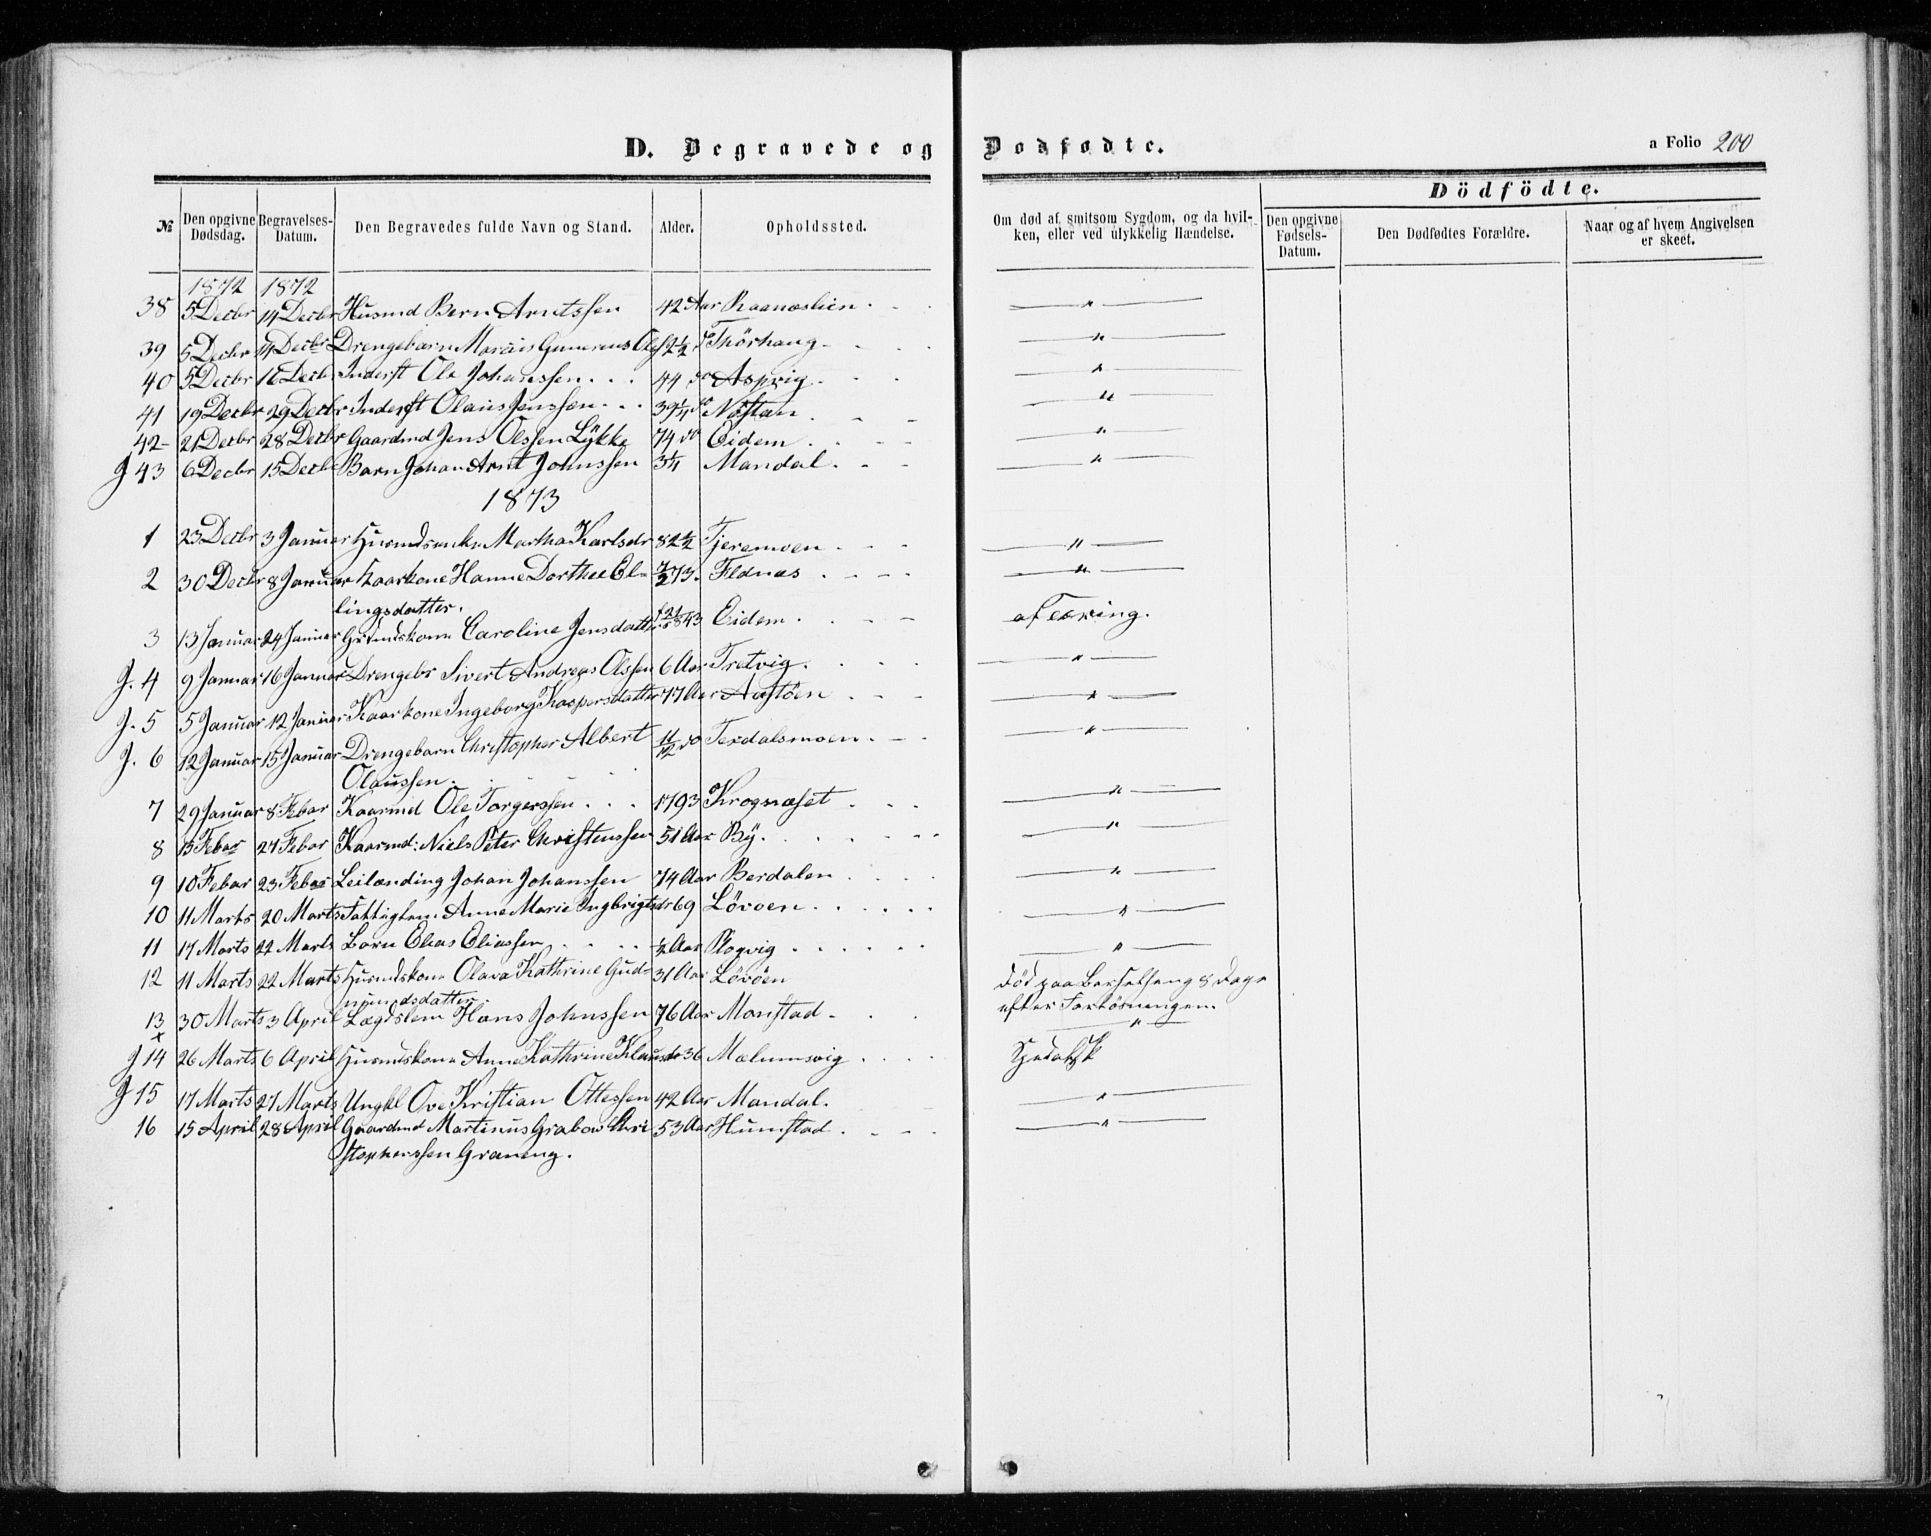 SAT, Ministerialprotokoller, klokkerbøker og fødselsregistre - Sør-Trøndelag, 655/L0678: Ministerialbok nr. 655A07, 1861-1873, s. 200